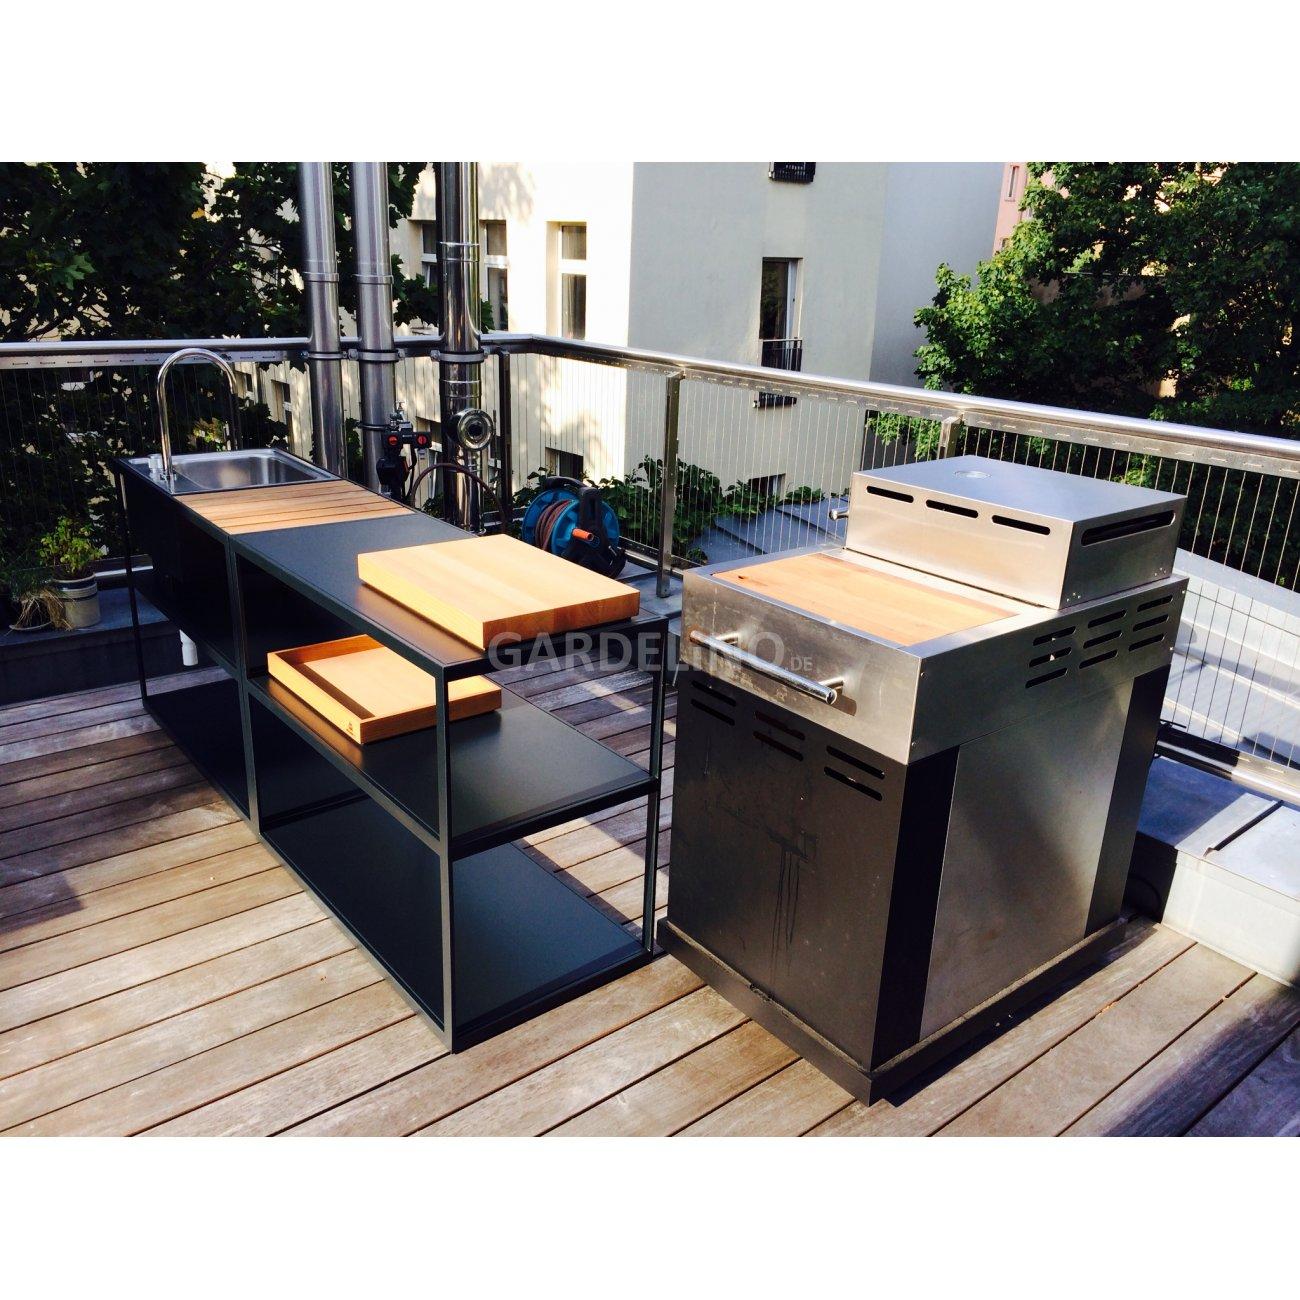 r shults gartenk che auf der terrasse. Black Bedroom Furniture Sets. Home Design Ideas